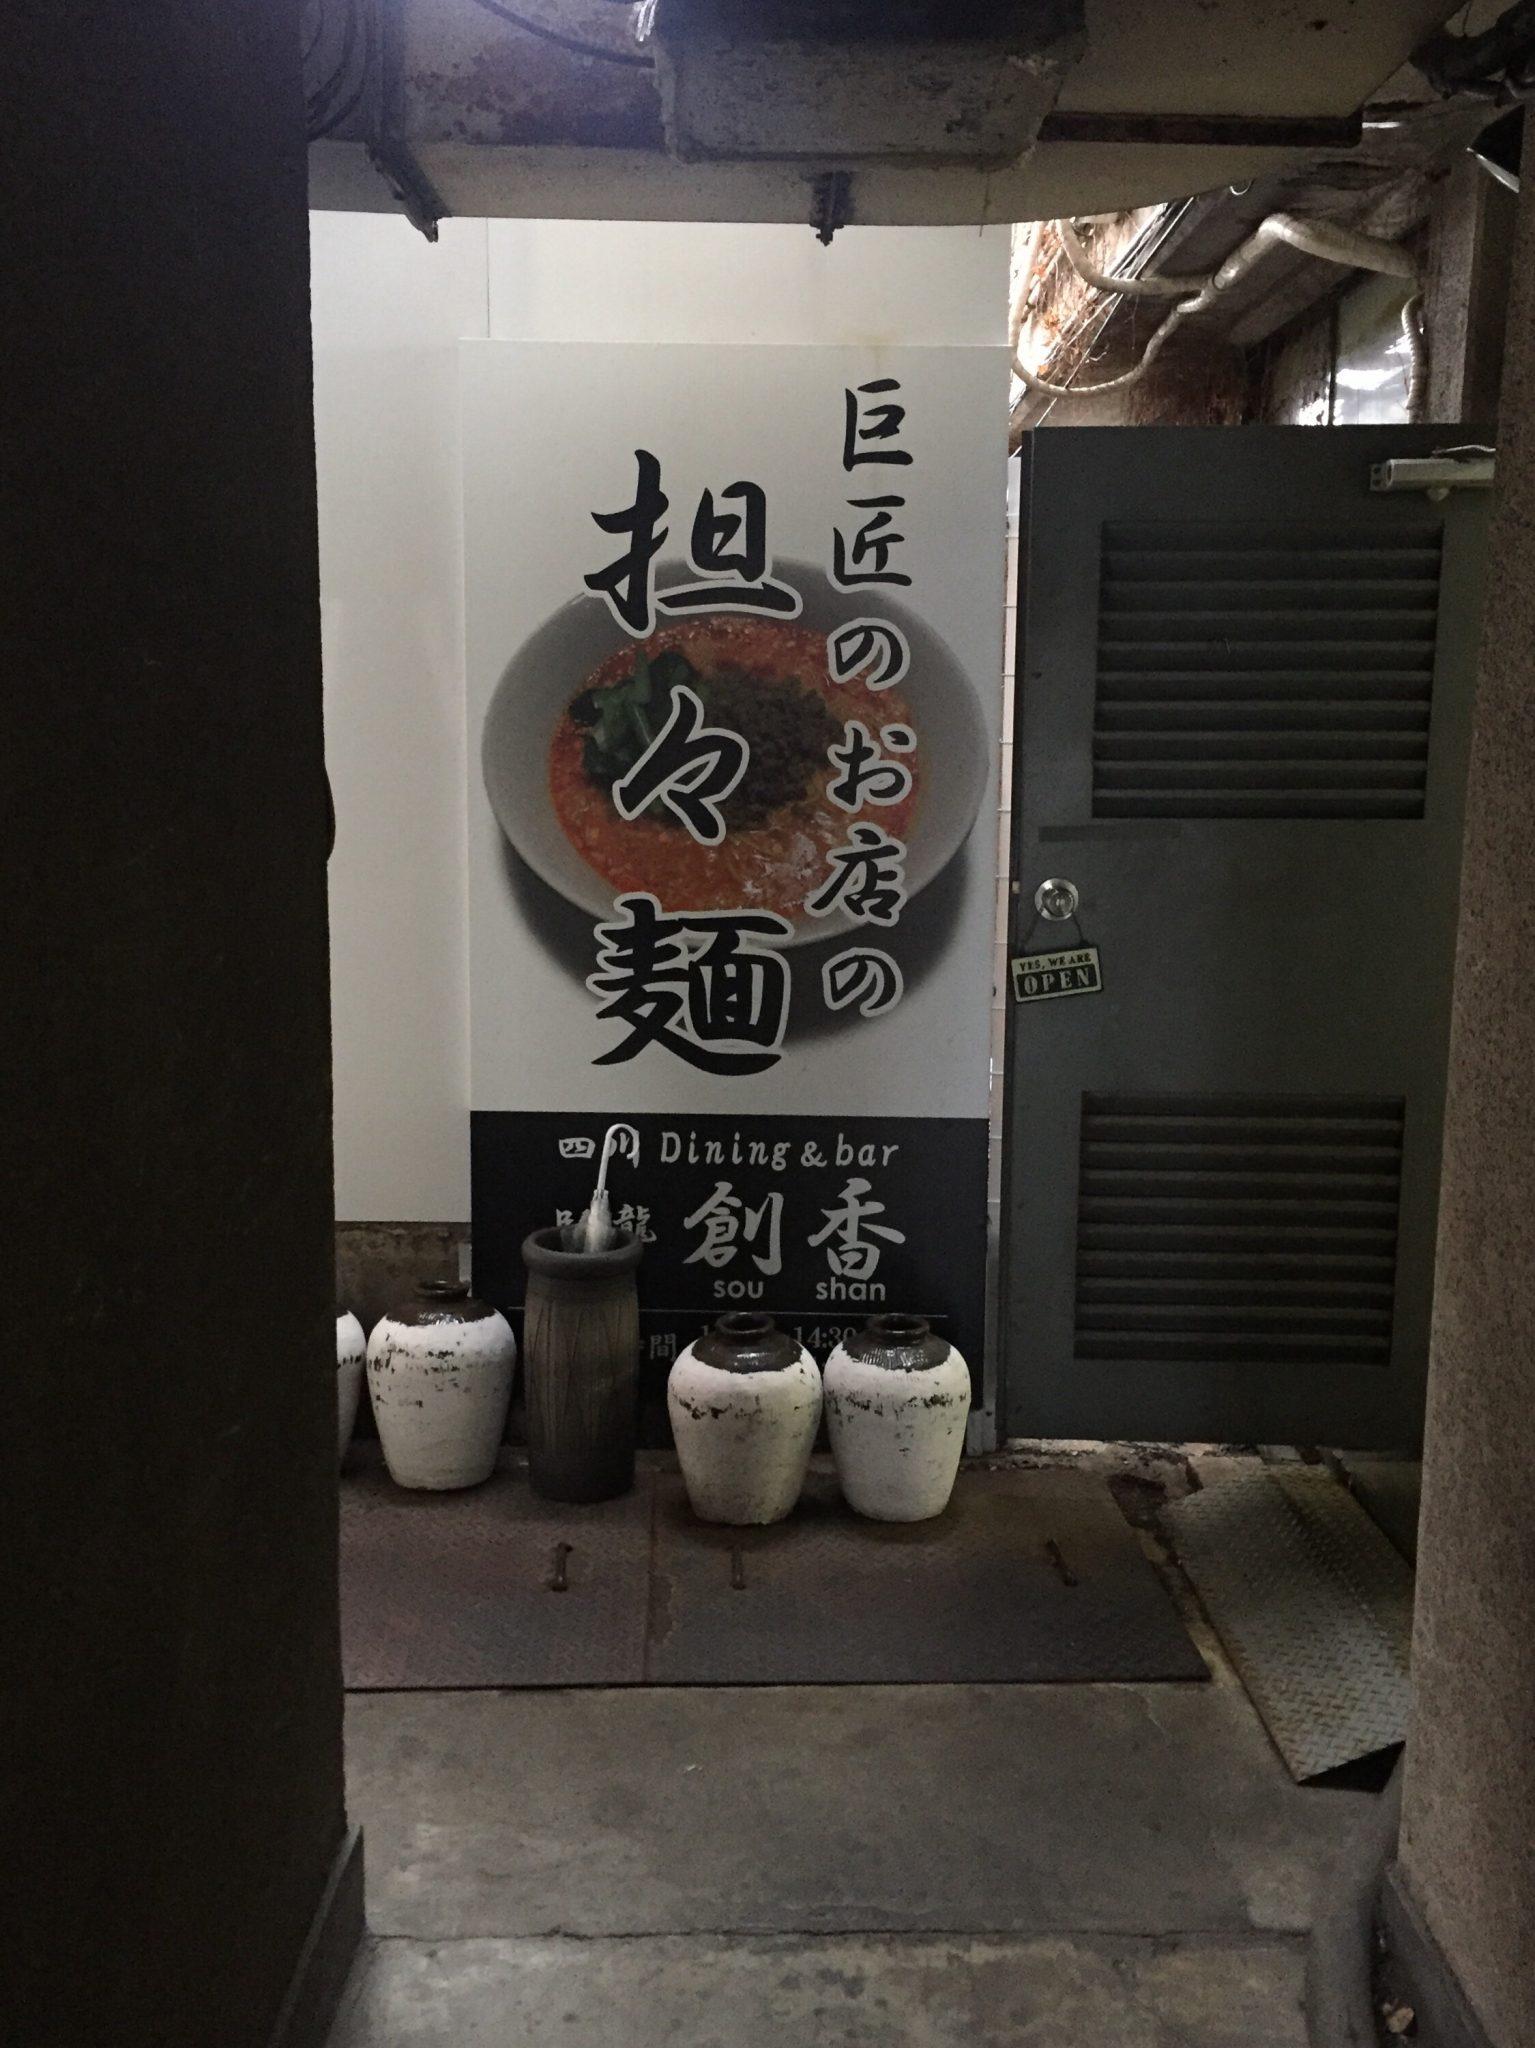 四川Dining&bar 臥龍 創香(がりゅう そうしゃん) 外観